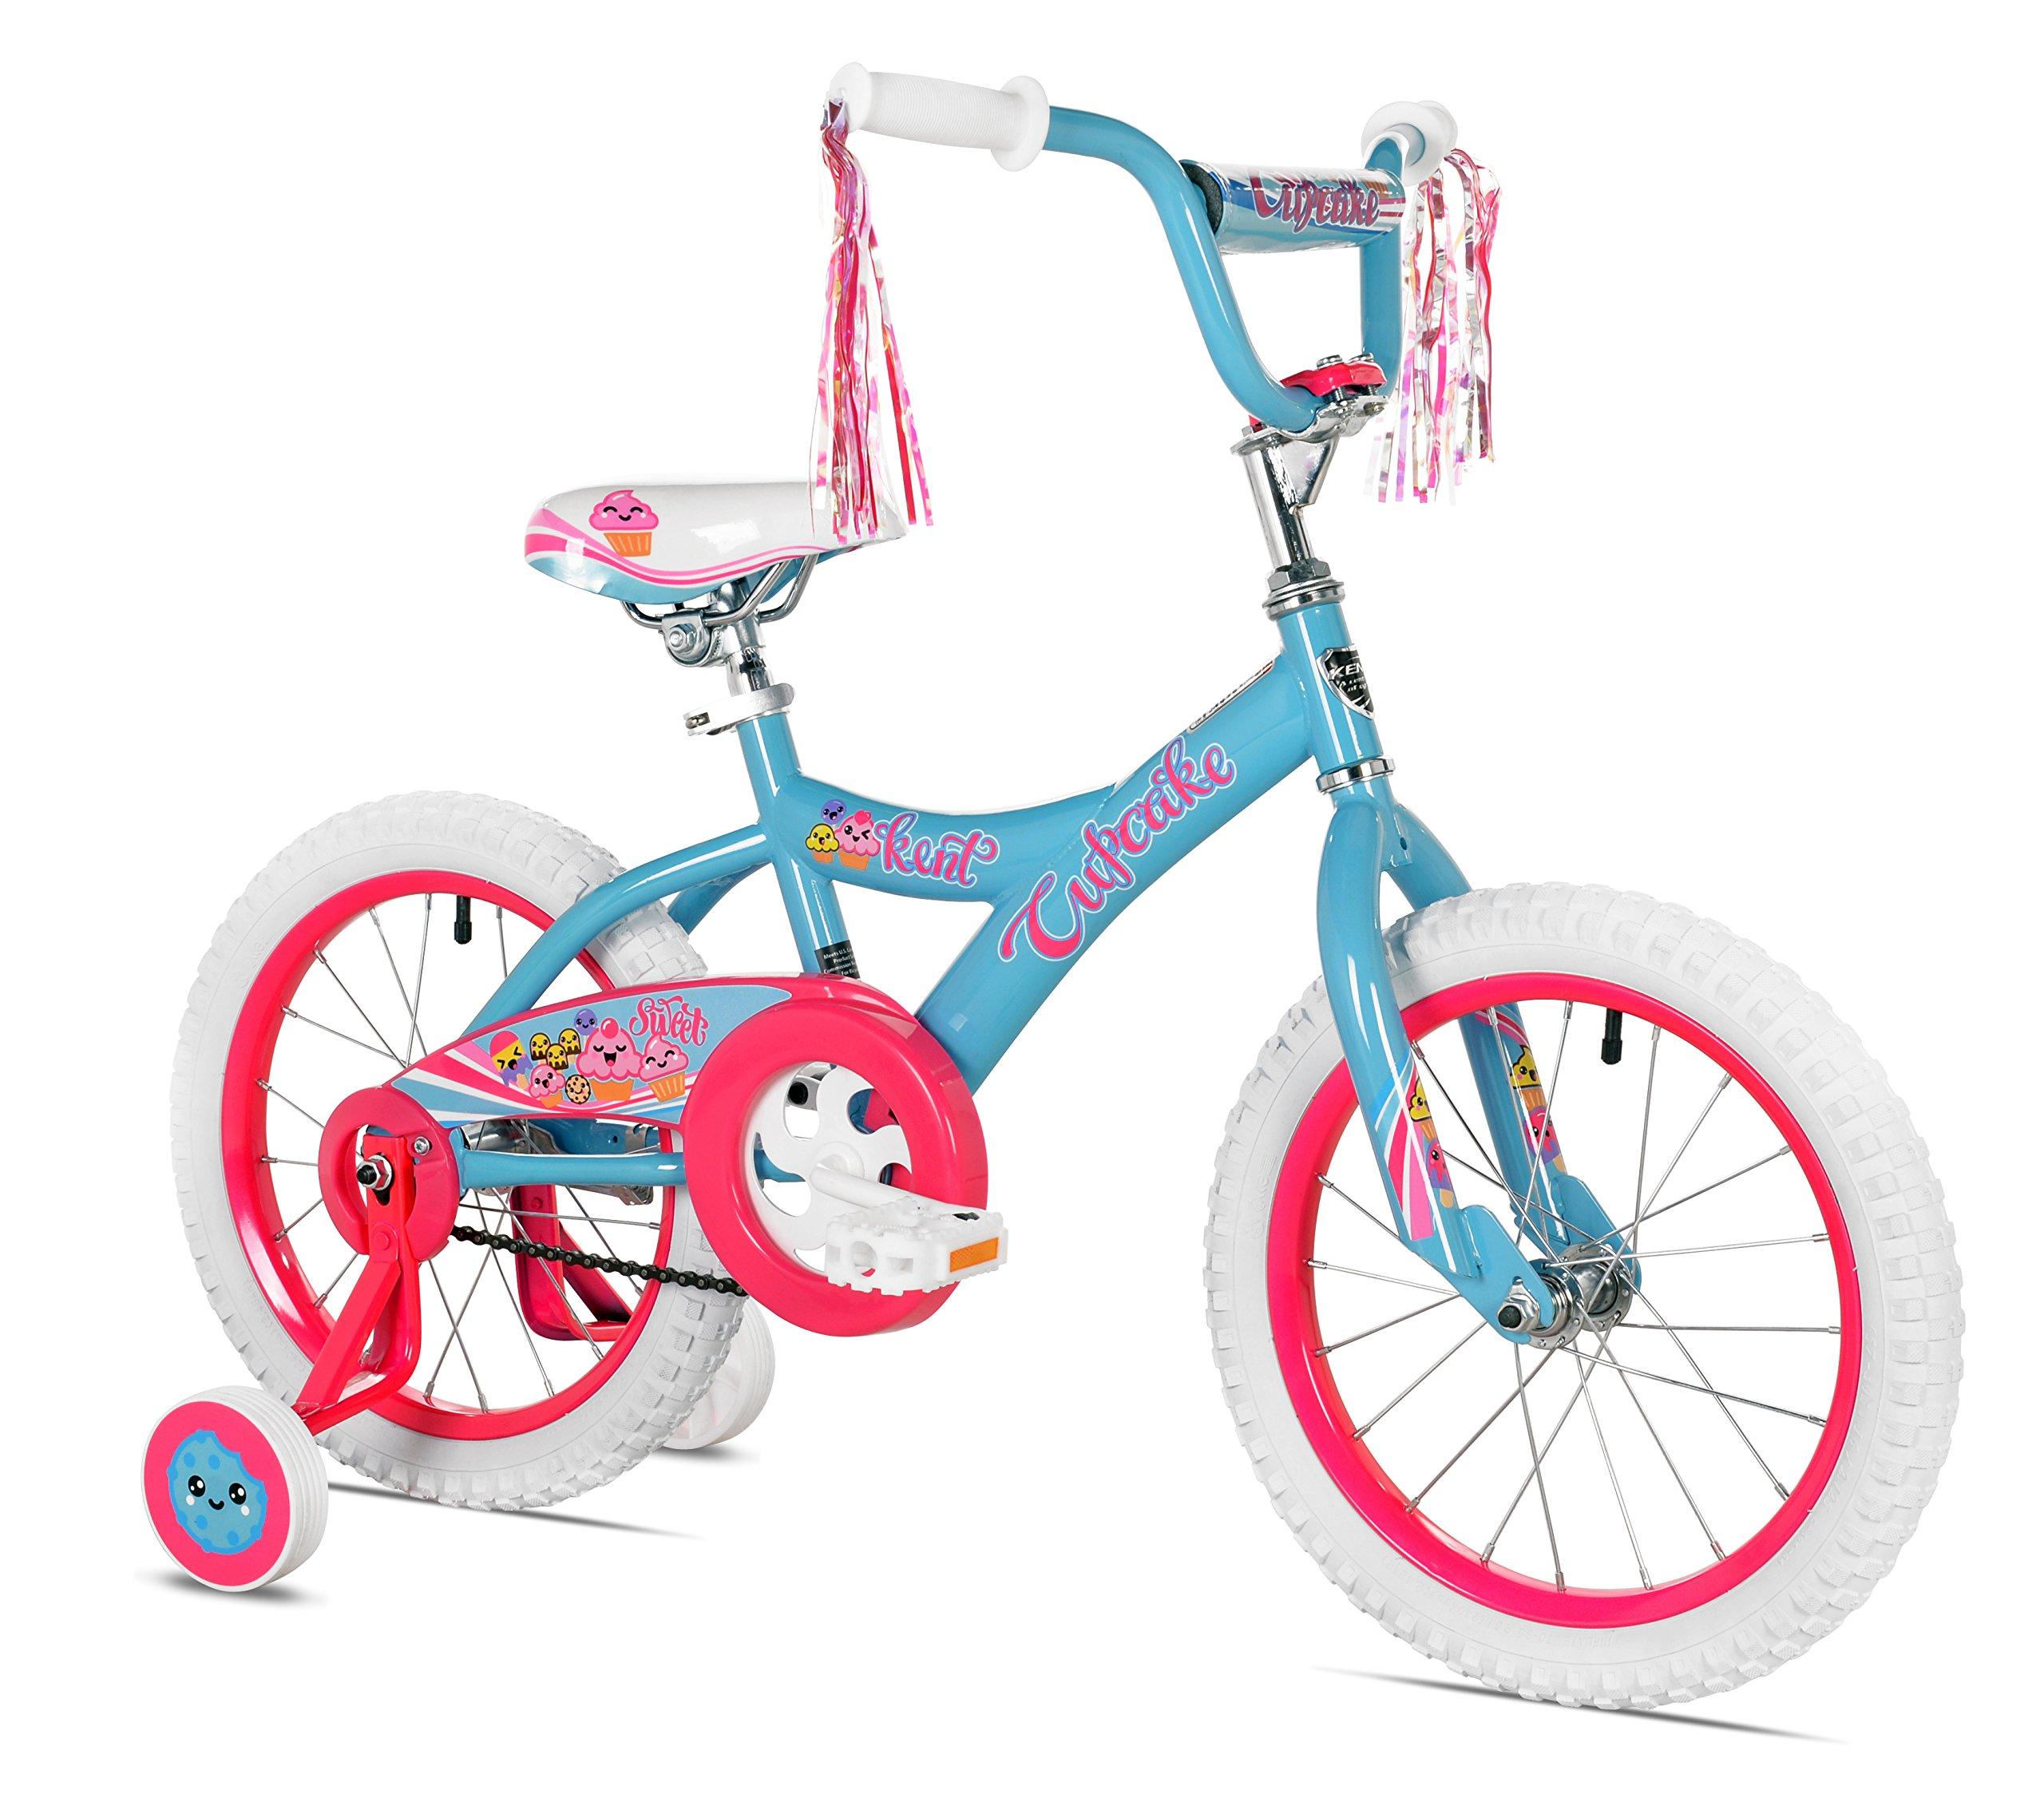 KENT Girls Cupcake Bike, 16'', Blue/Hot Pink by KENT